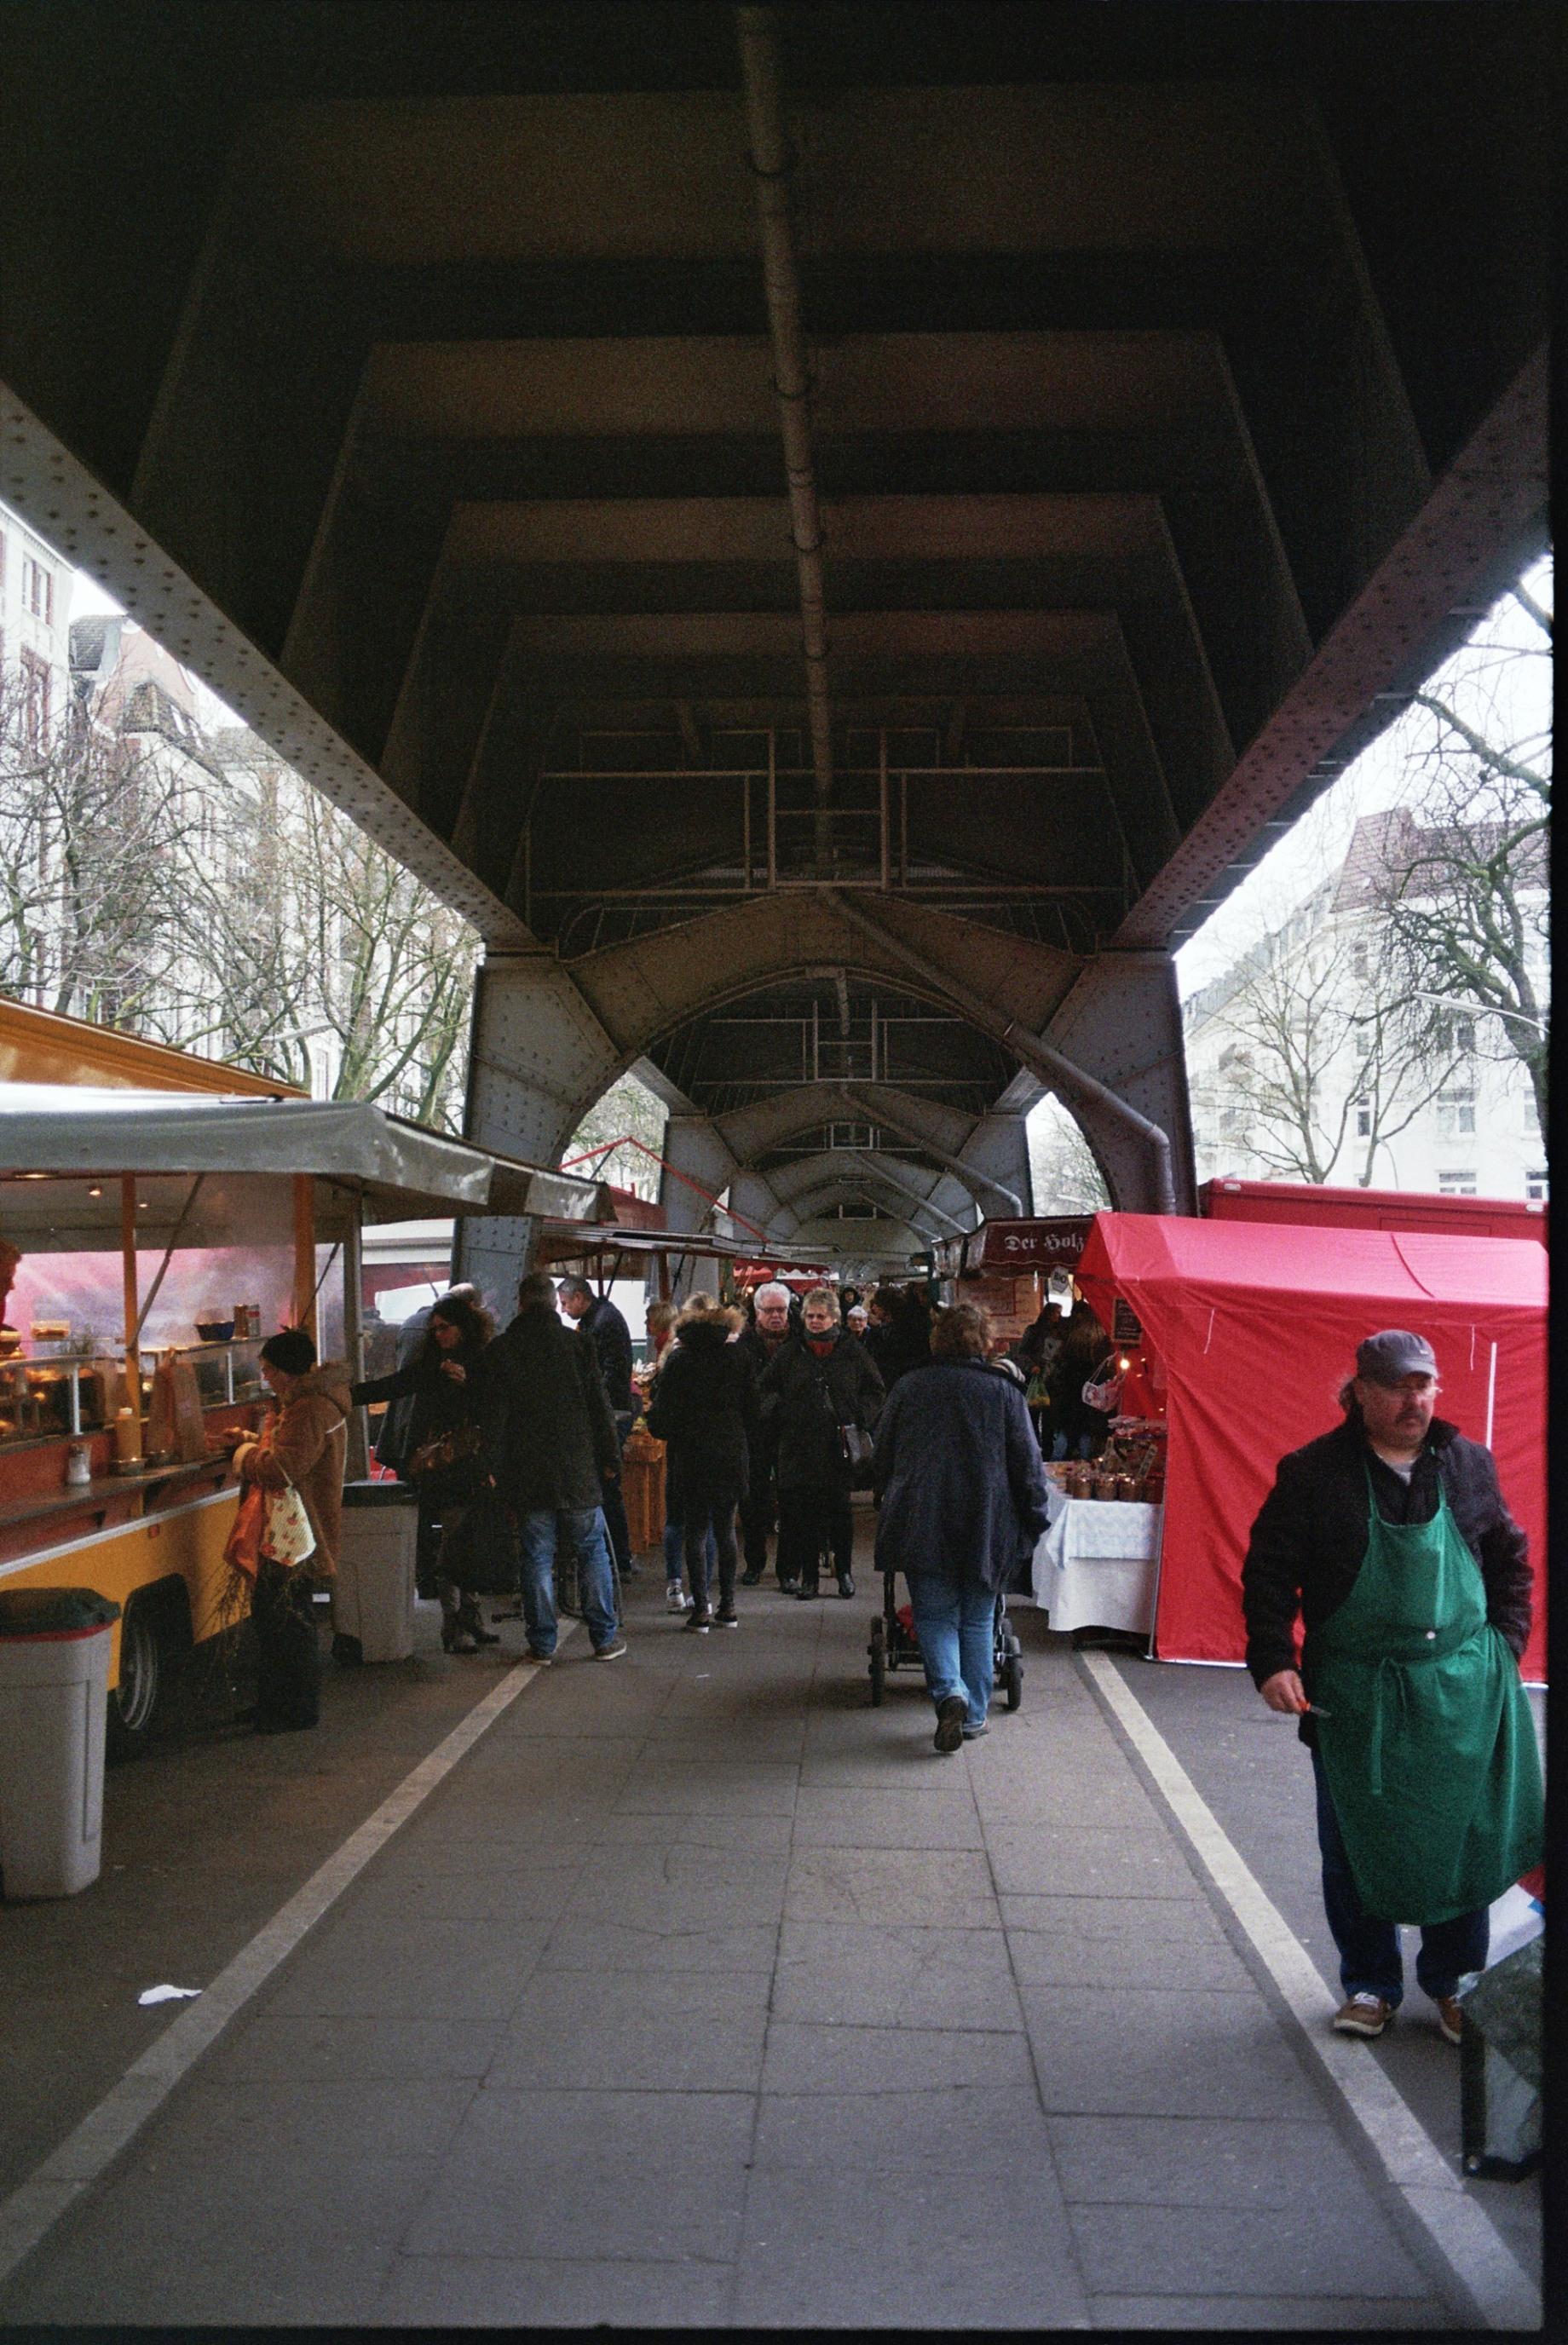 Isemarkt in Hamburg-Eppendorf. Shot on 35mm.